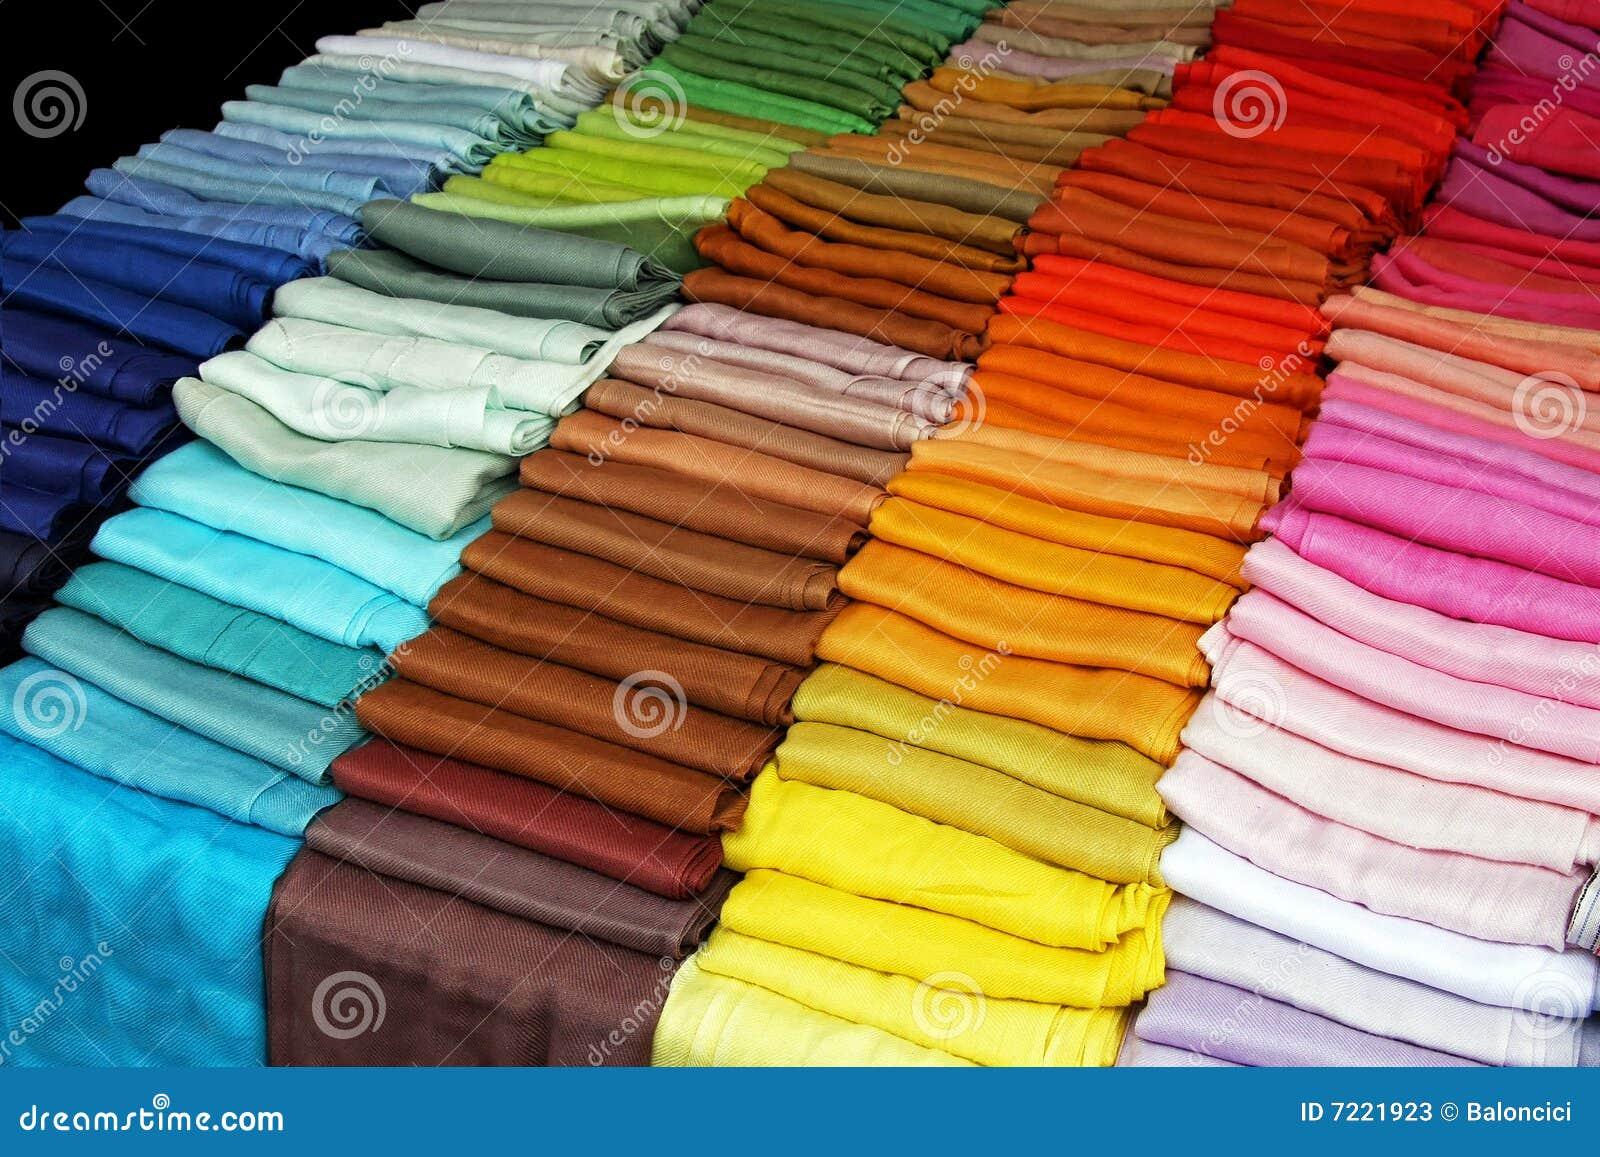 47095d91974 écharpes de couleur image stock. Image du accessoires - 7221923